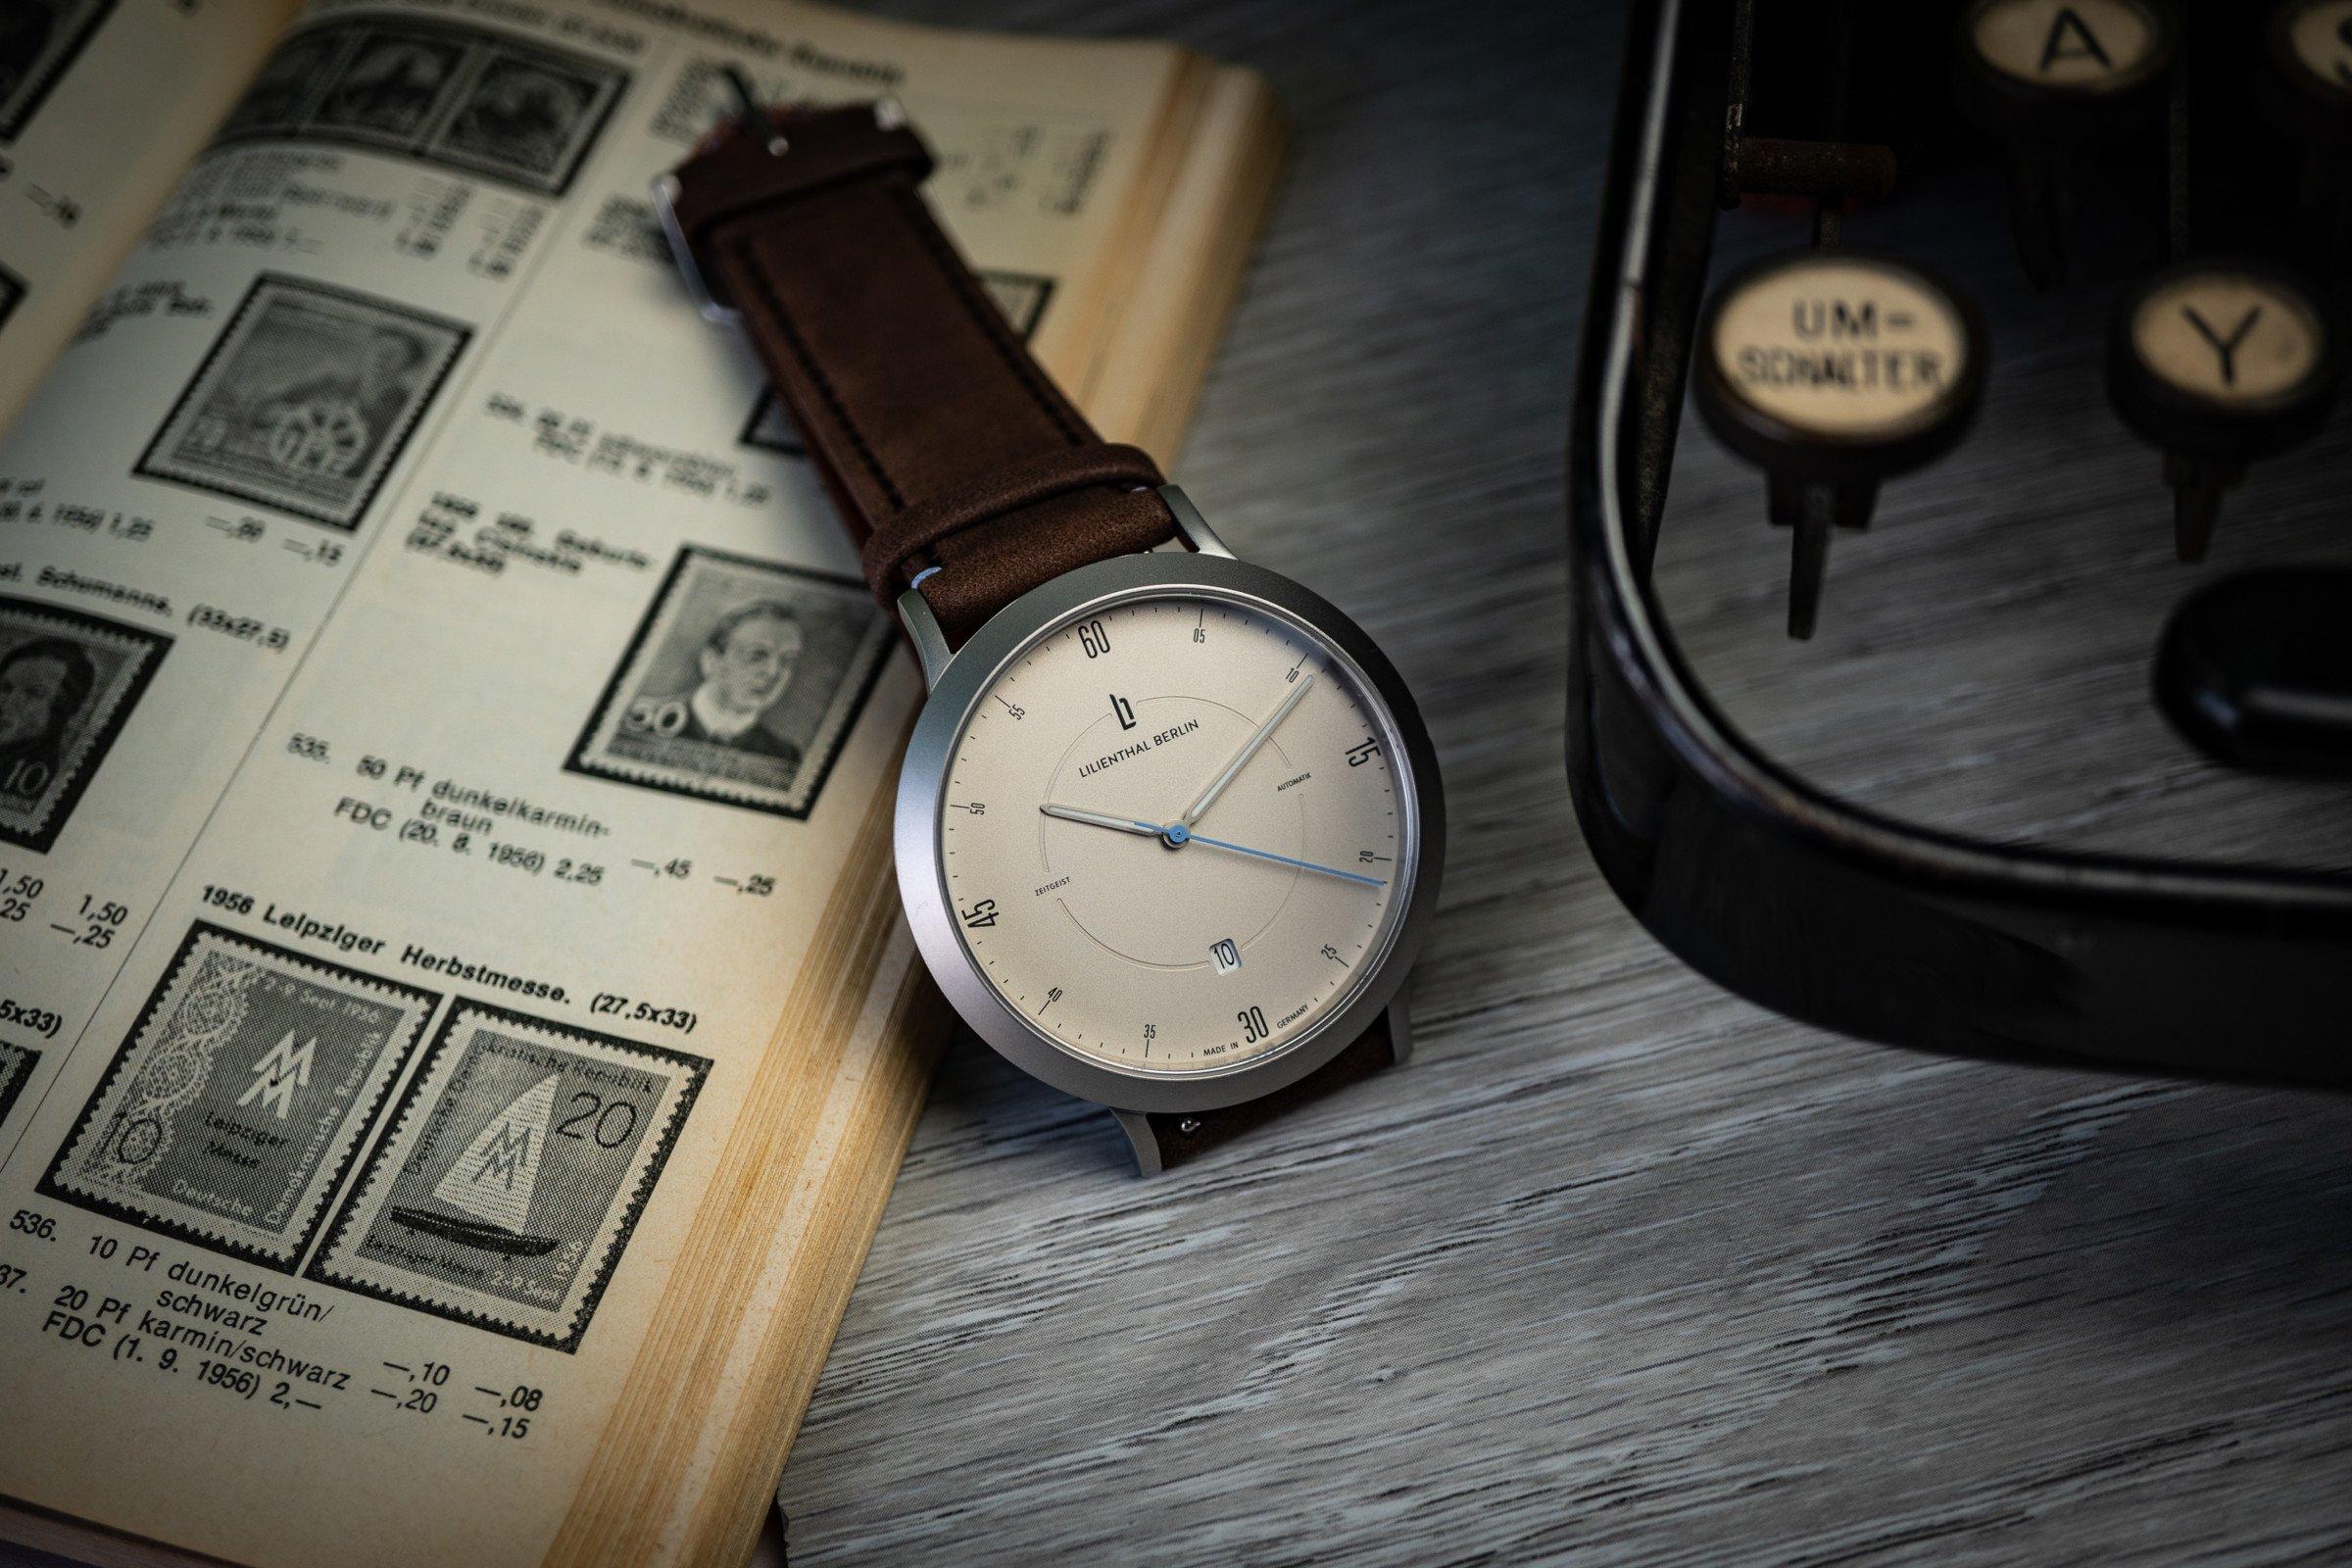 Lilienthal Uhren Test